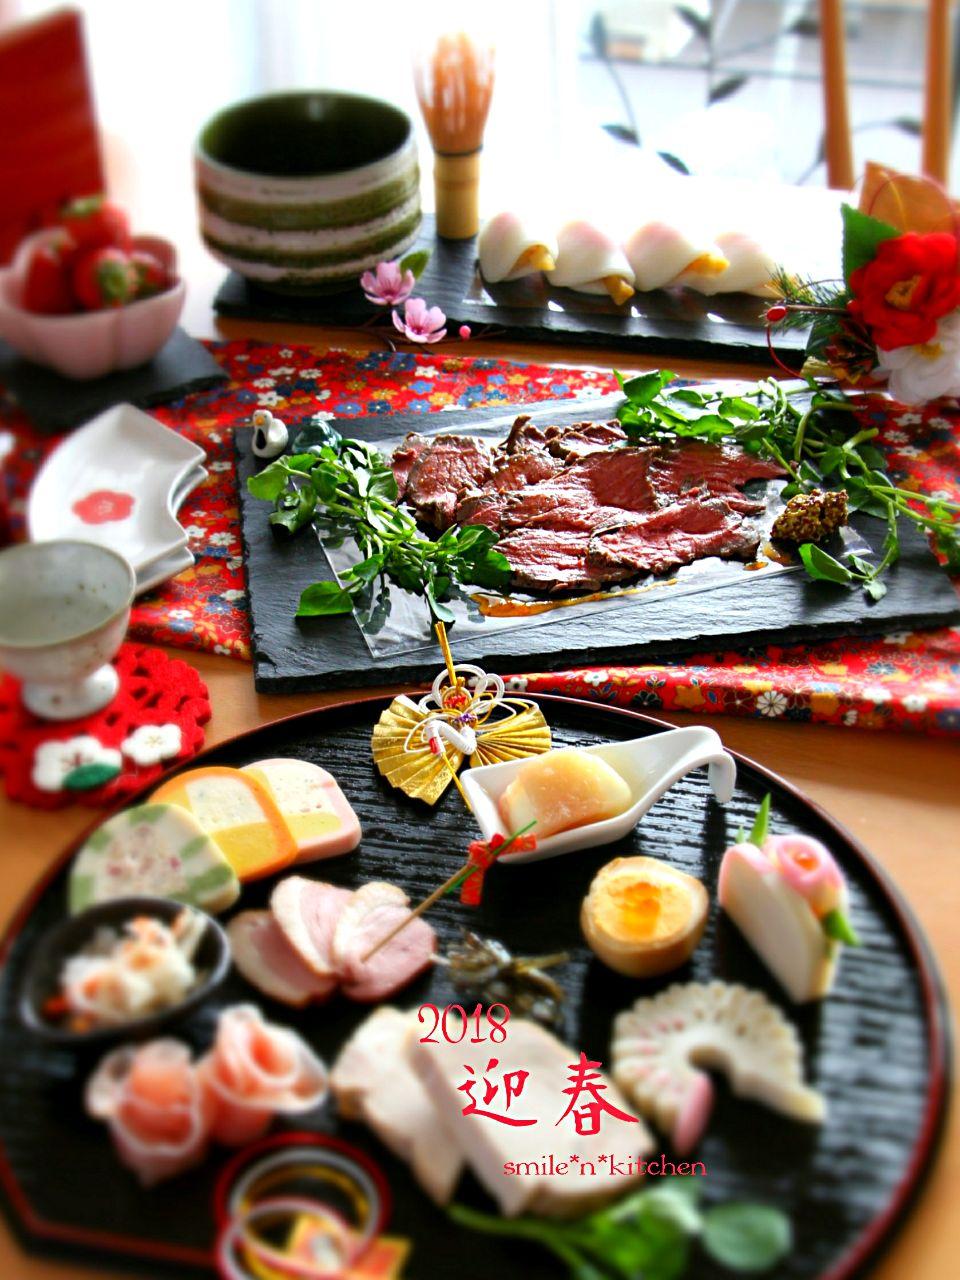 お手軽炊飯器で作るローストビーフ SnapDish 料理カメラ